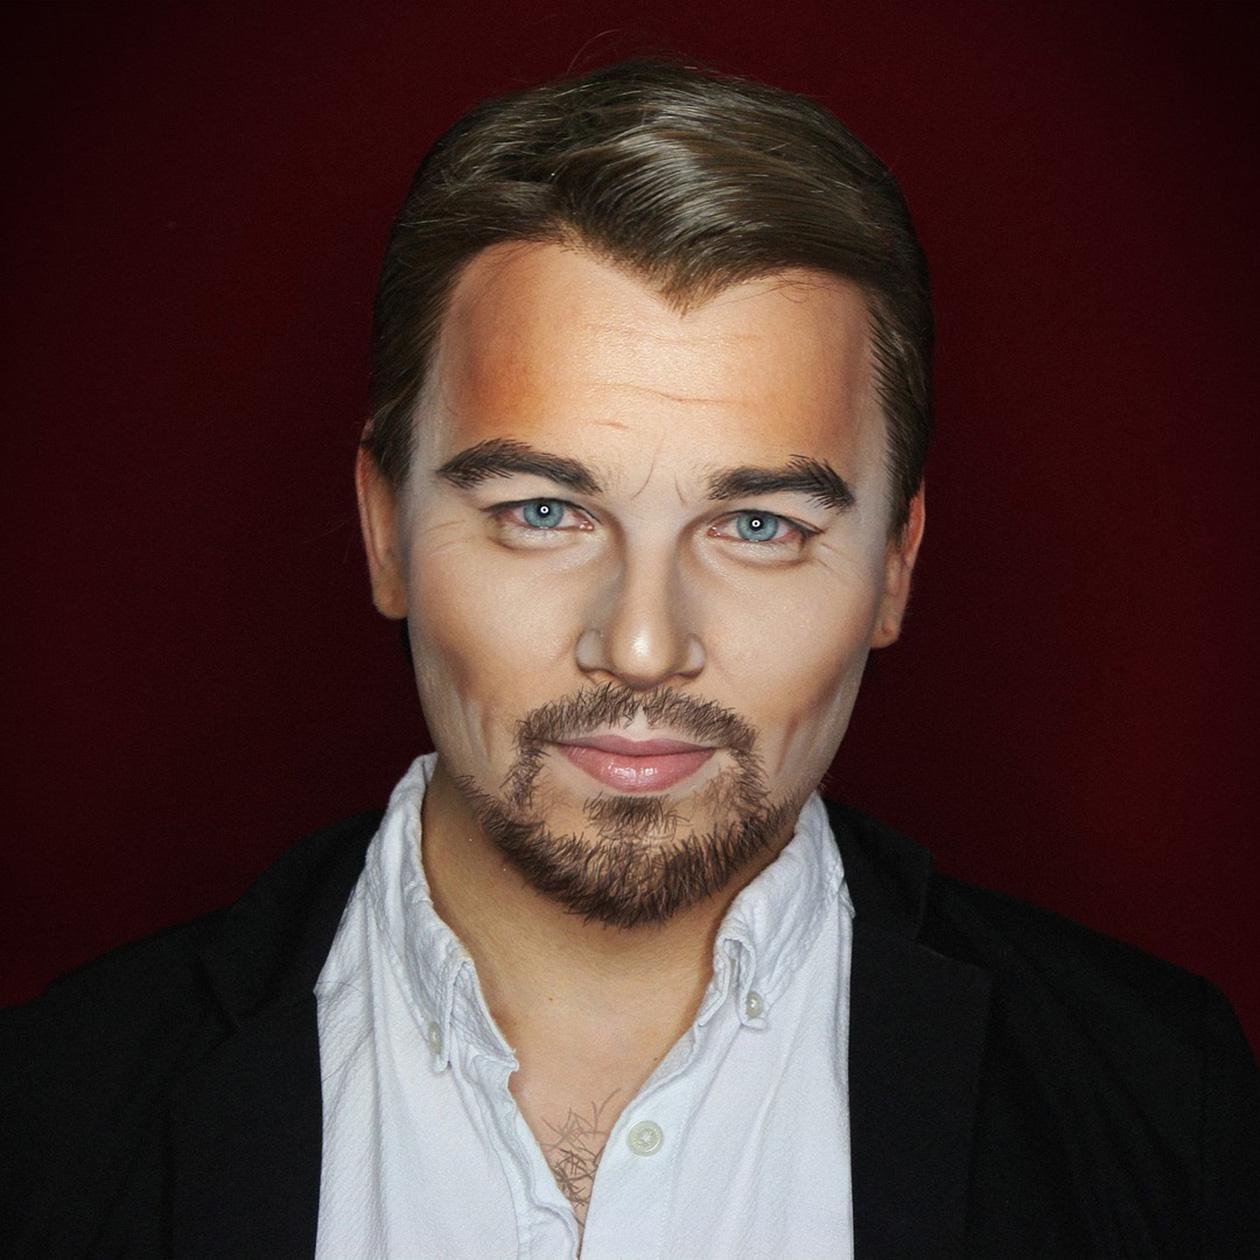 Een foto van Elliot als Leonardo DiCaprio